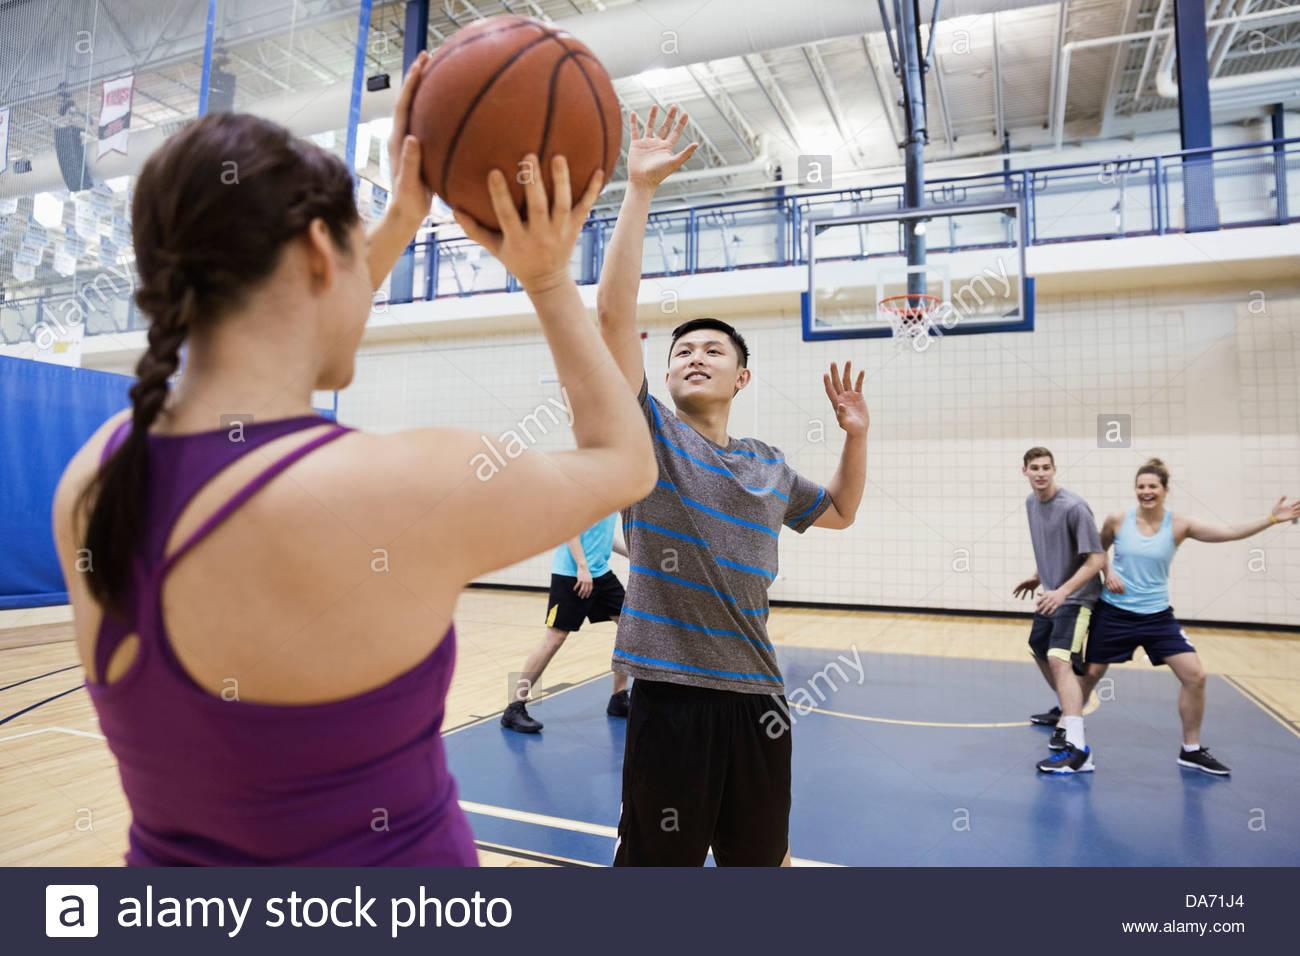 Männer und Frauen spielen Basketball in Turnhalle Stockbild